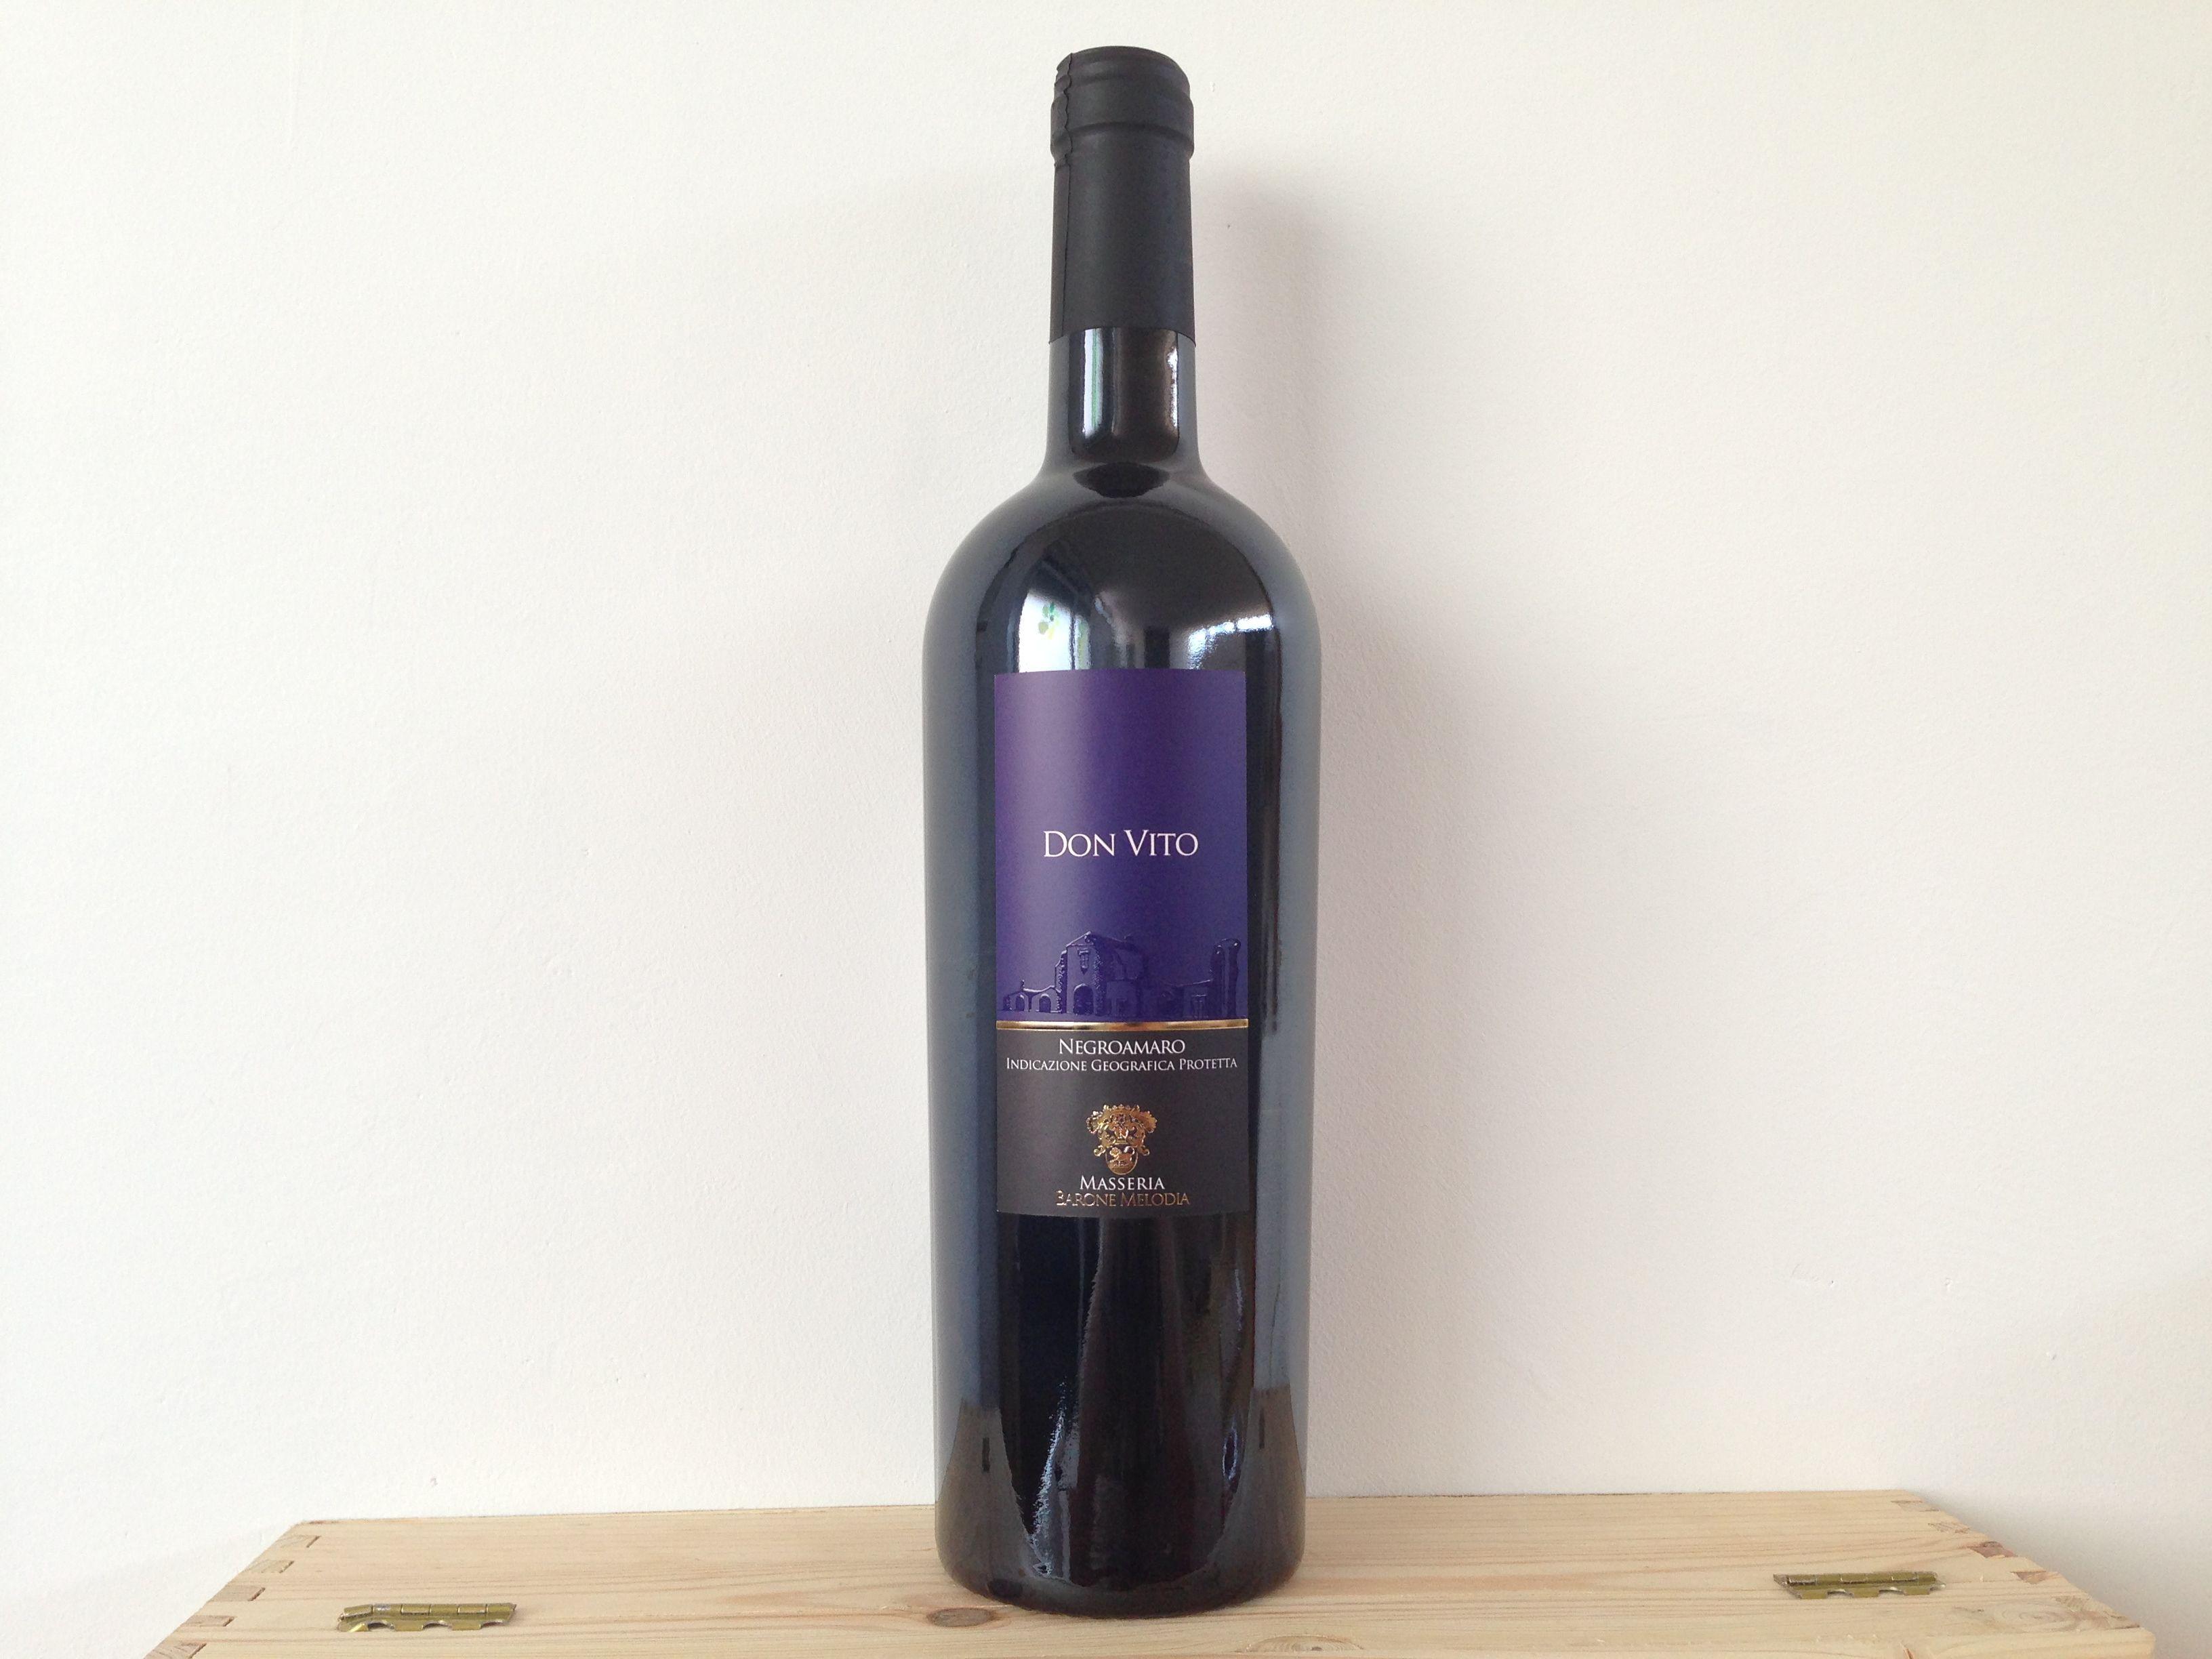 """Vino rosso """"DON VITO"""" Negroamaro barricato IGP #vino #wine #redwine #vinorosso #negroamaro #italy #italia #Puglia"""